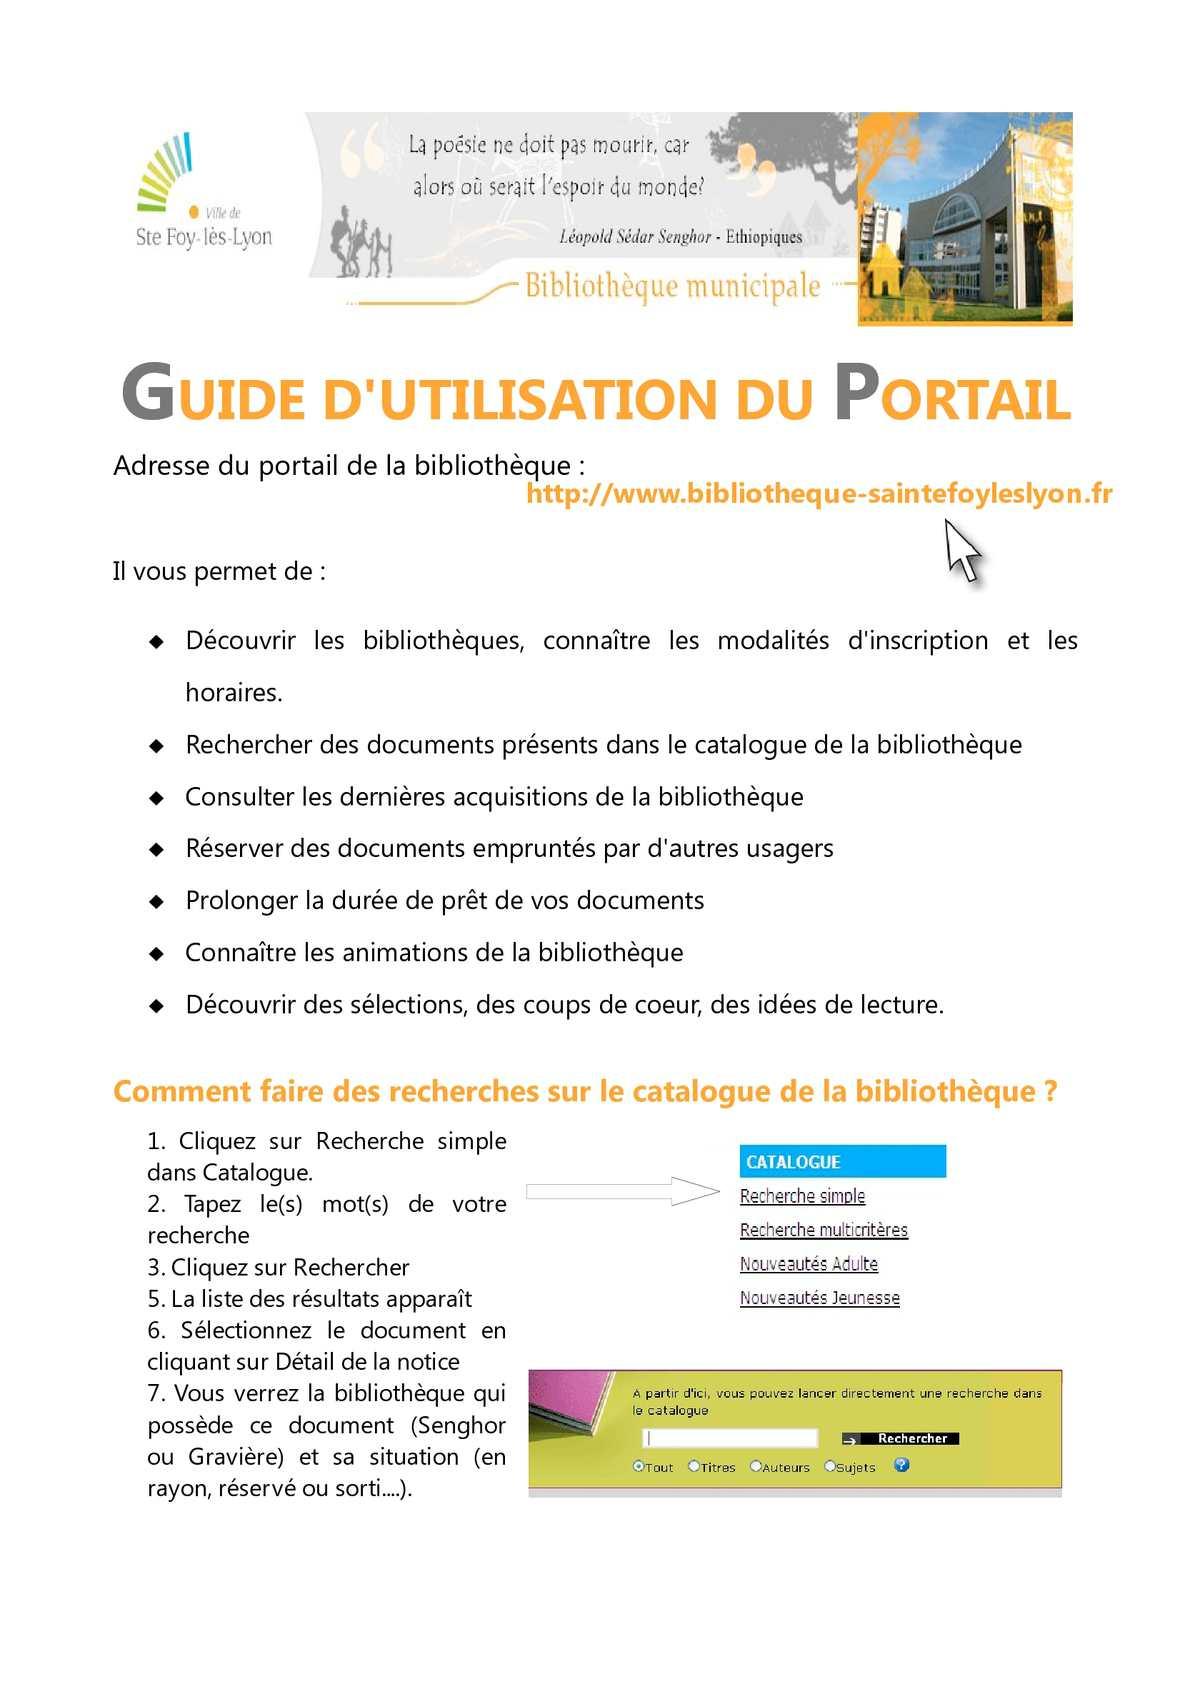 calameo guide d utilisation du portail